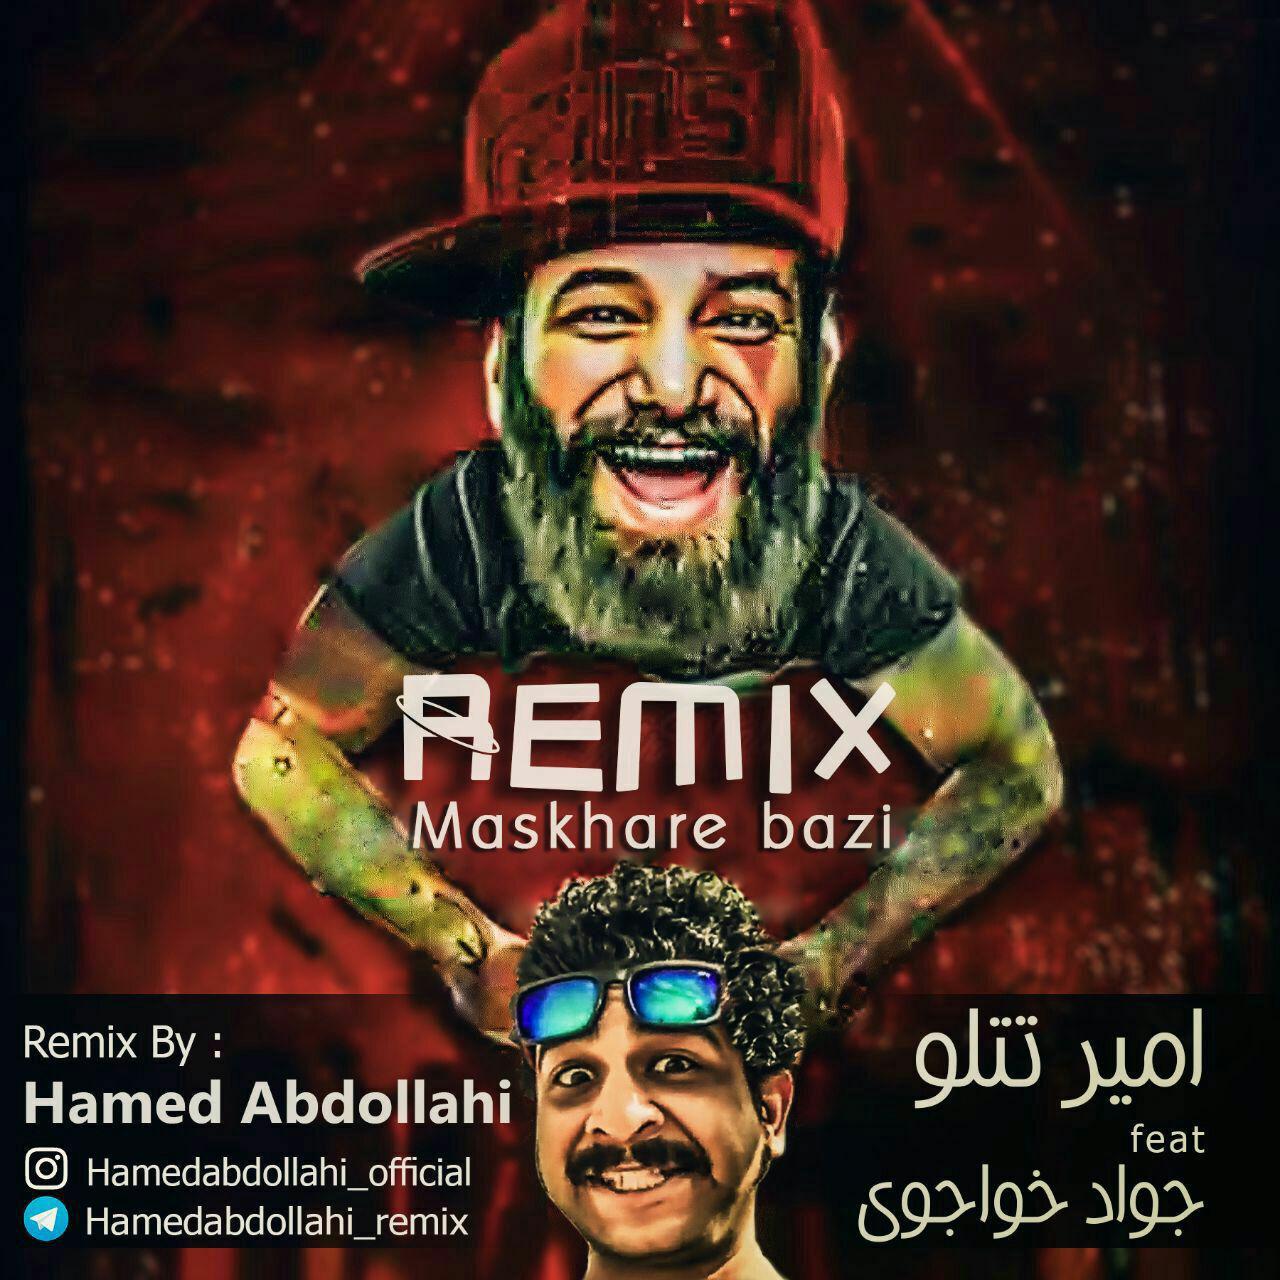 Amir Tataloo Ft Javad Khajavi – Maskhare Bazi (Remix By Hamed Abdollahi)